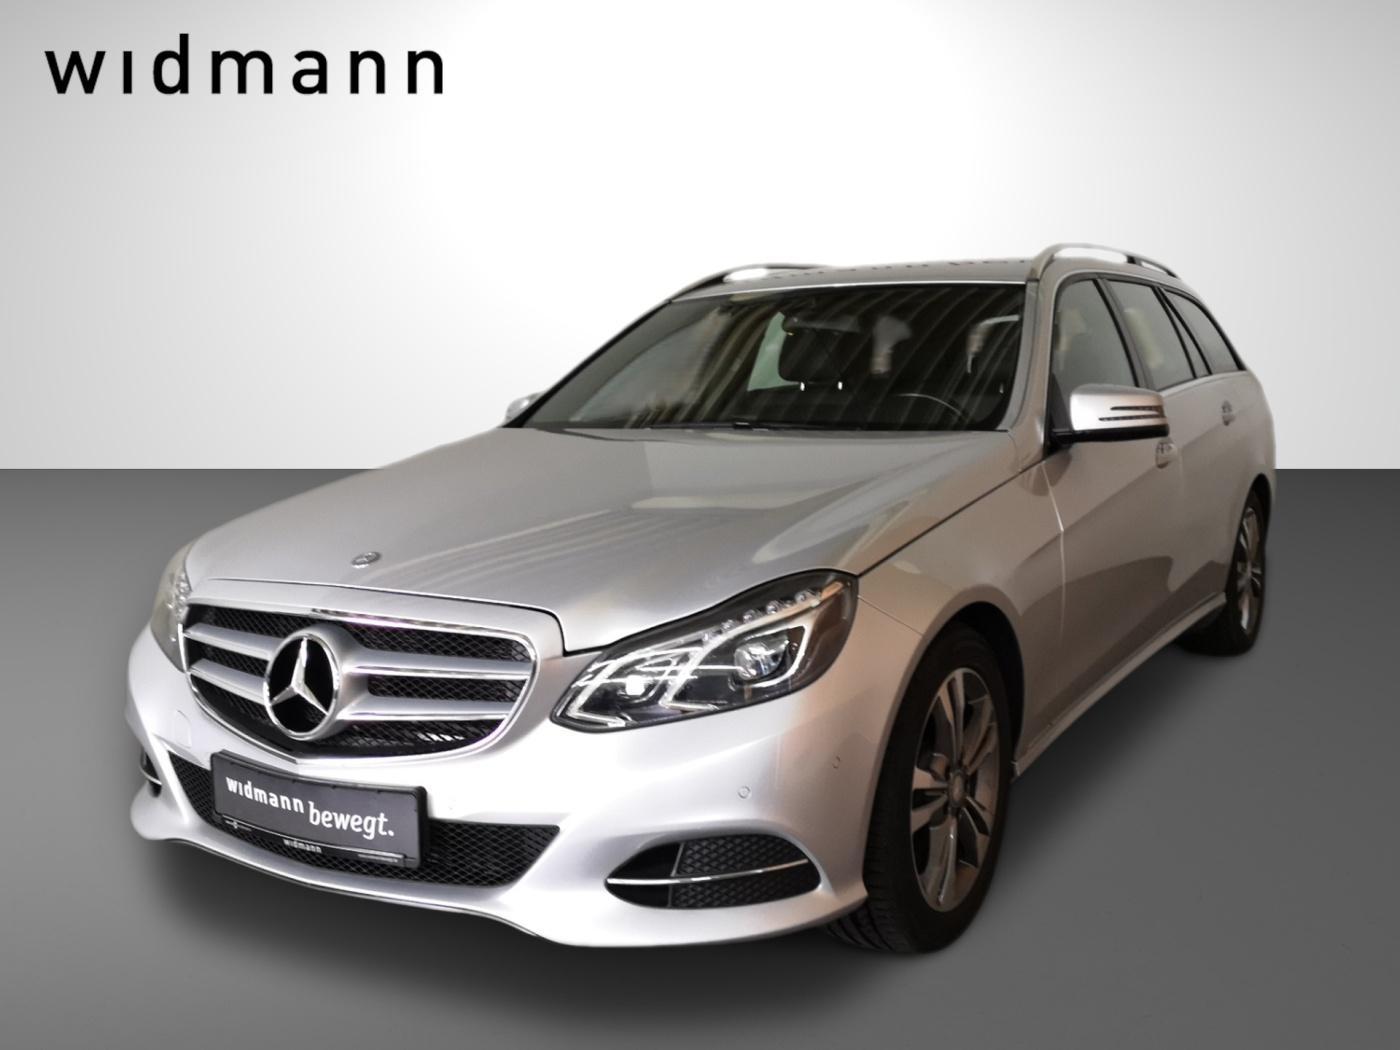 Mercedes-Benz E 200 BlueTEC T *Avantgarde*ILS*Sitzhzg*AHK*Navi, Jahr 2016, Diesel